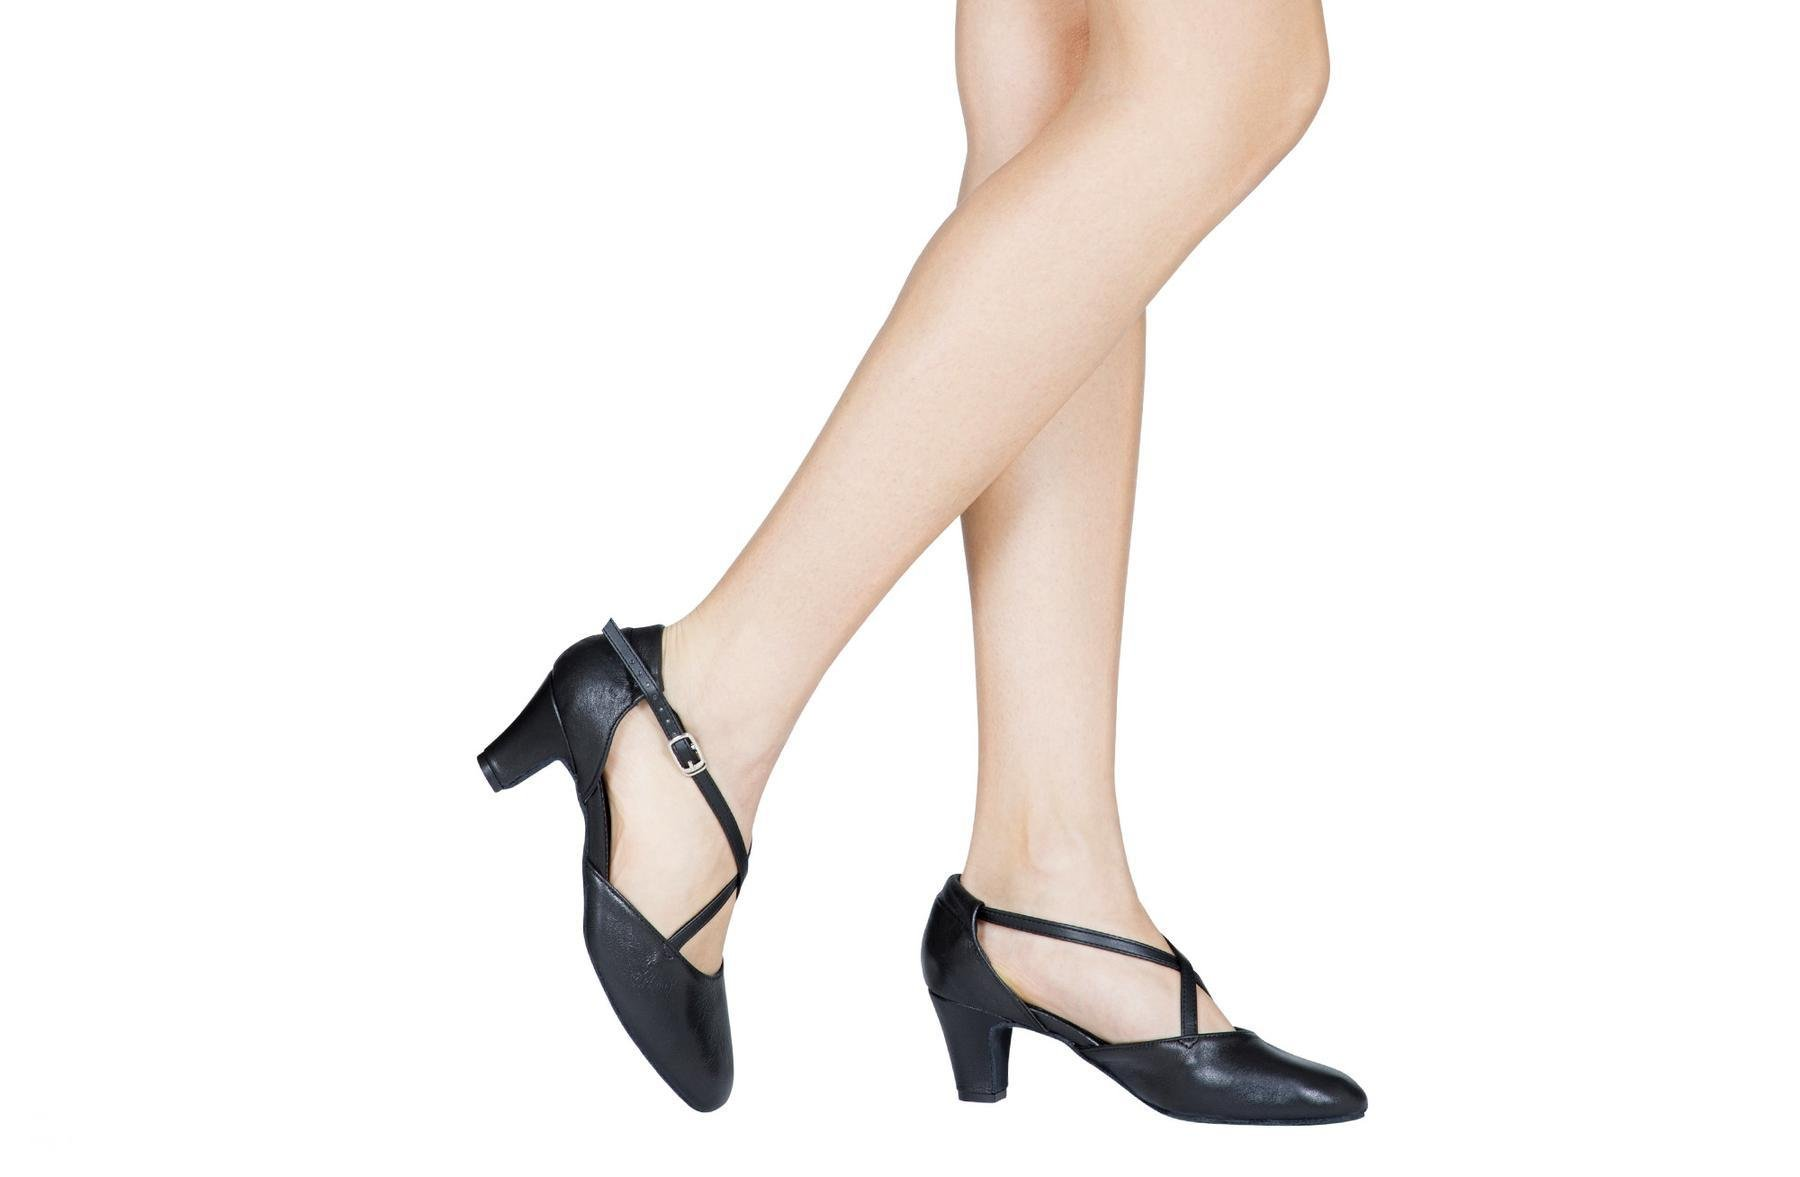 Dancin Scarpe da ballo e studio broadway (cuccarini) in pelle nero tacco 5 cm